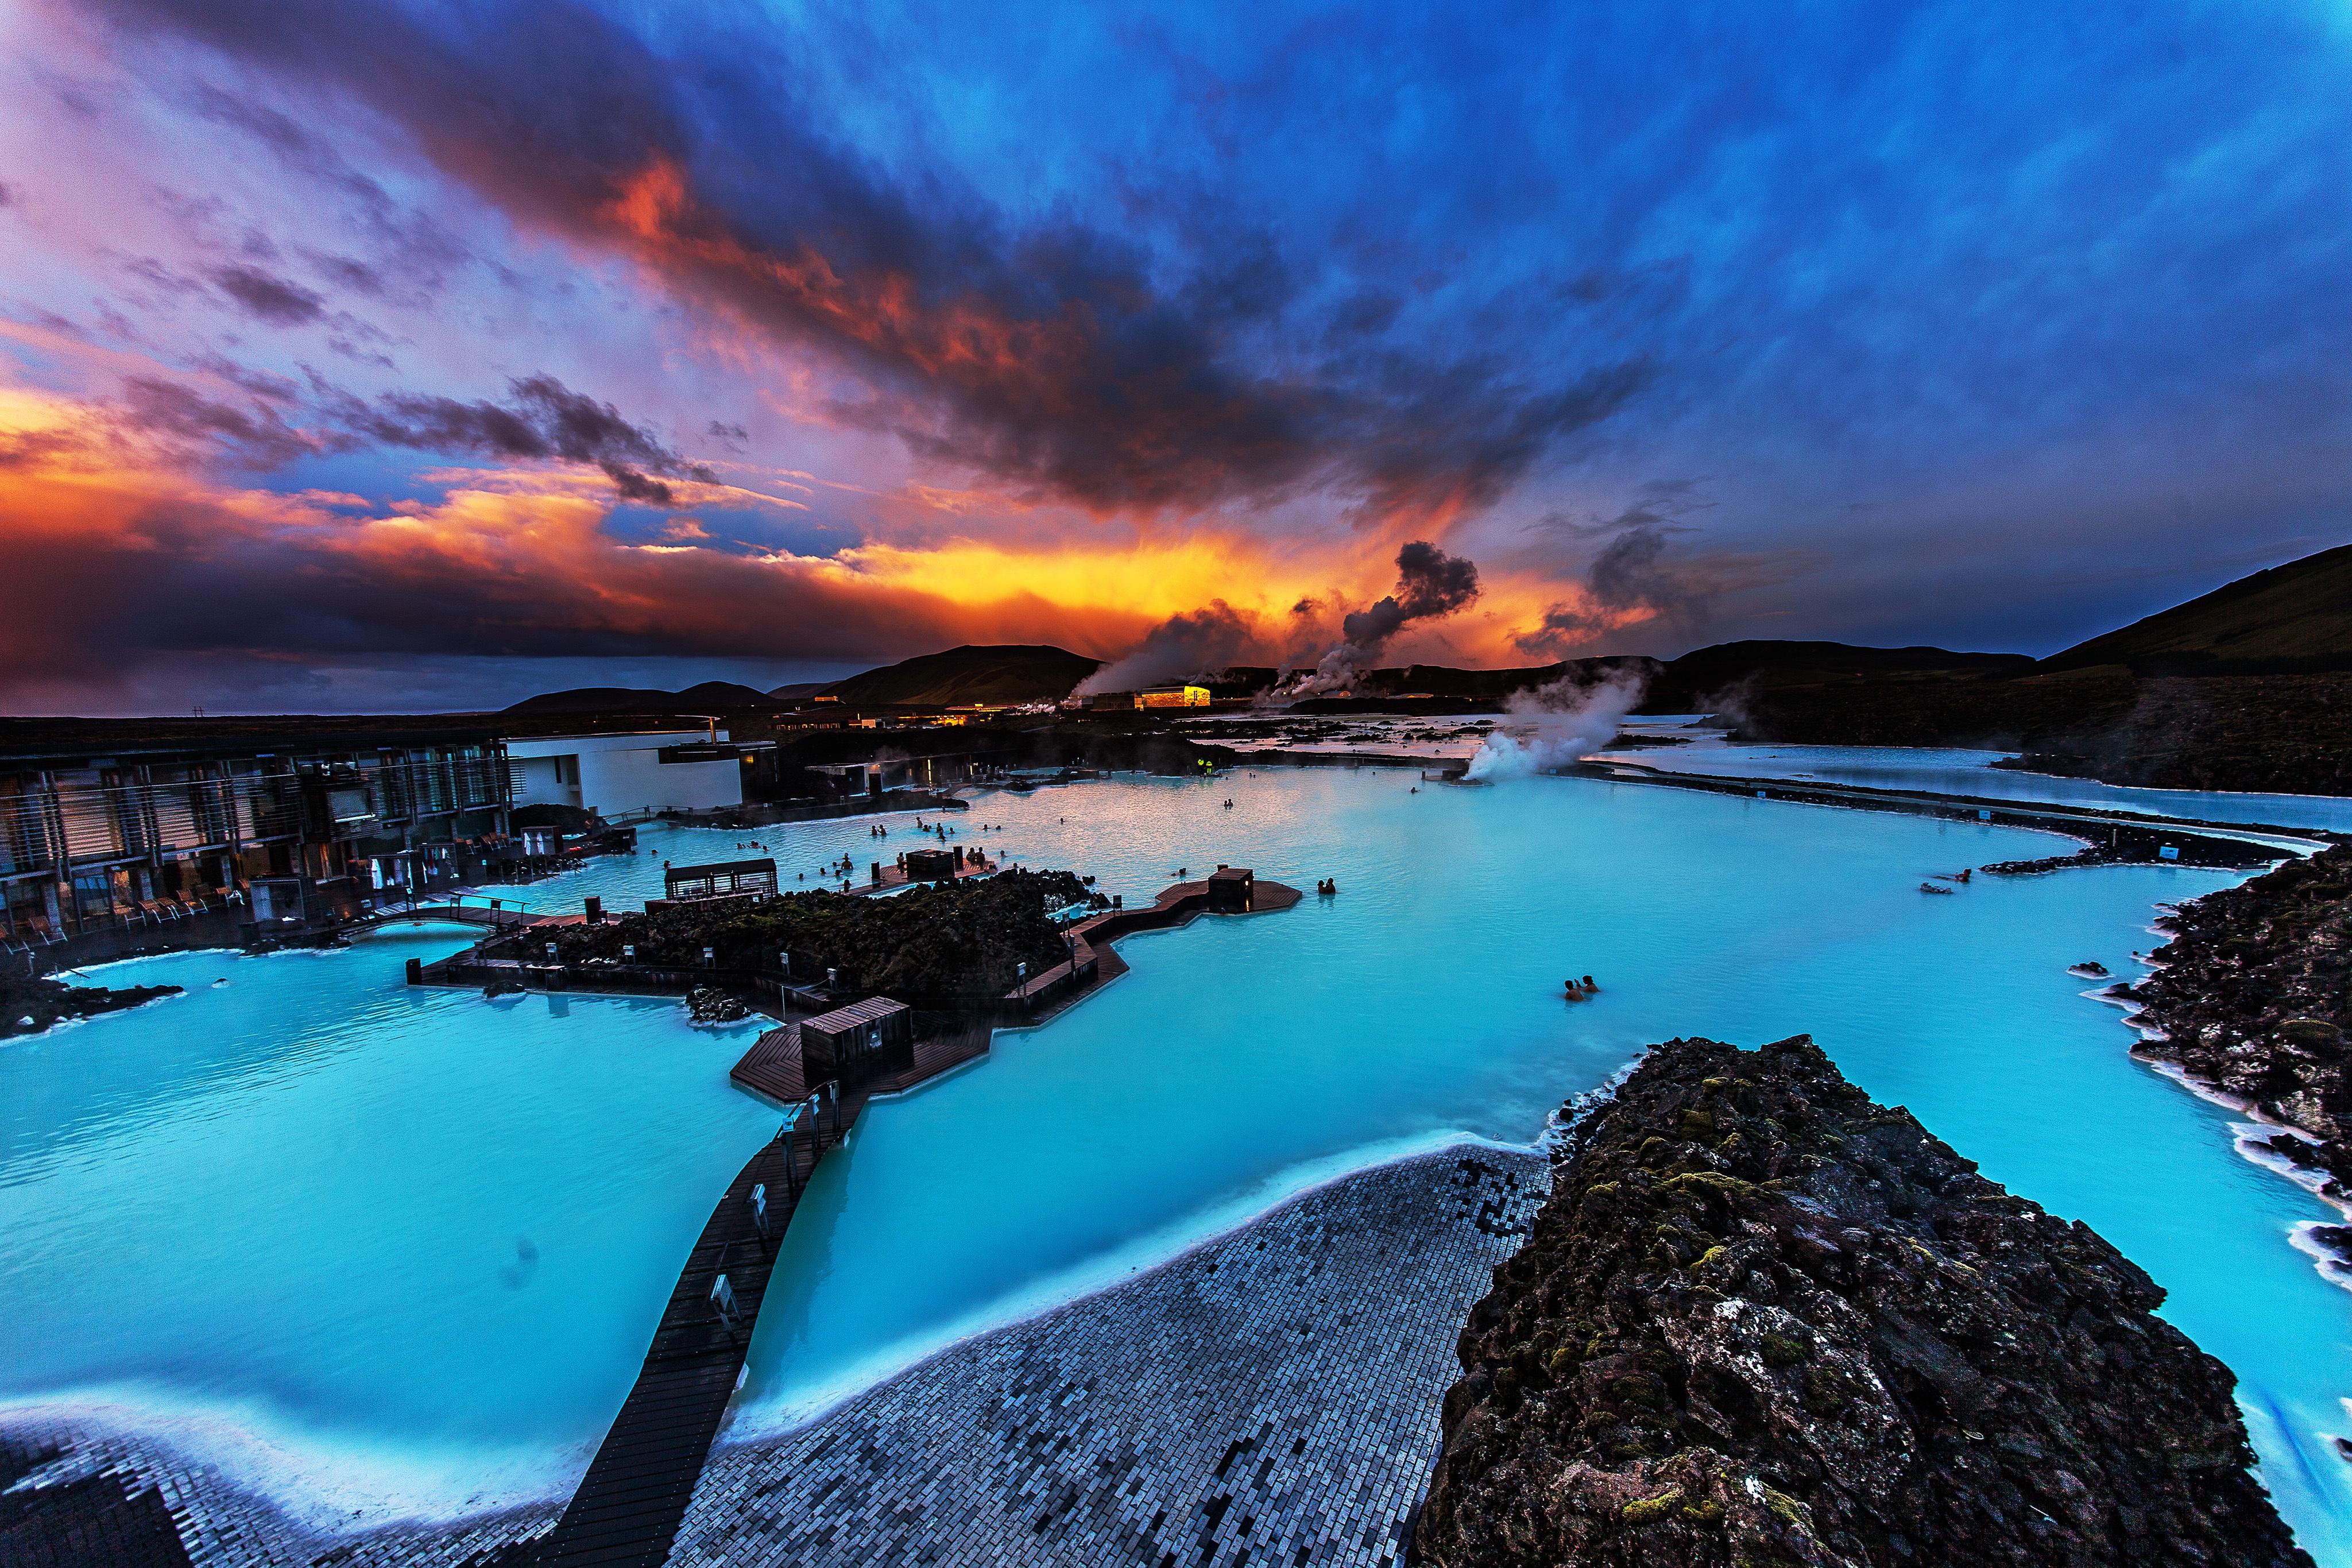 บลูลากูนสฟาที่มีชื่อเสียงเพราะชื่อของเขาเอง. ความสวยงามบนผืนน้ำ.